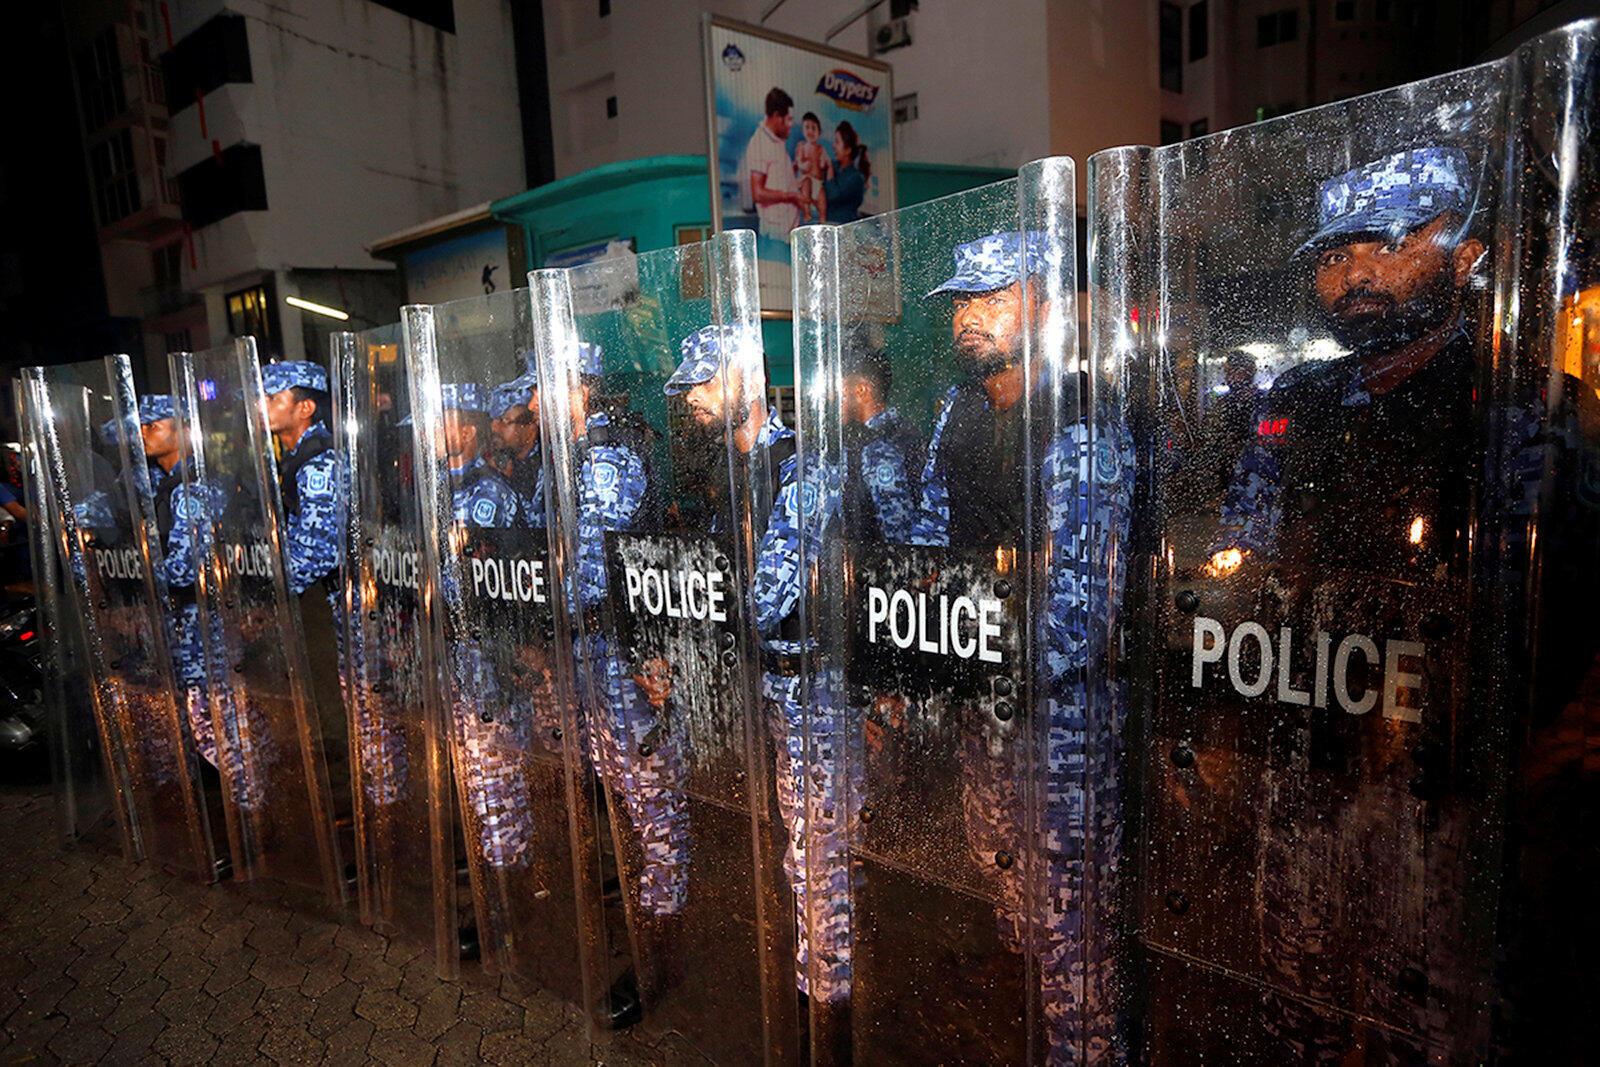 Forces de police pendant une manifestation de l'opposition contre le retard du gouvernement à libérer leurs dirigeants emprisonnés, y compris l'ancien président Mohamed Nasheed, malgré une ordonnance de la Cour suprême des Maldives, le 5 février 2018.